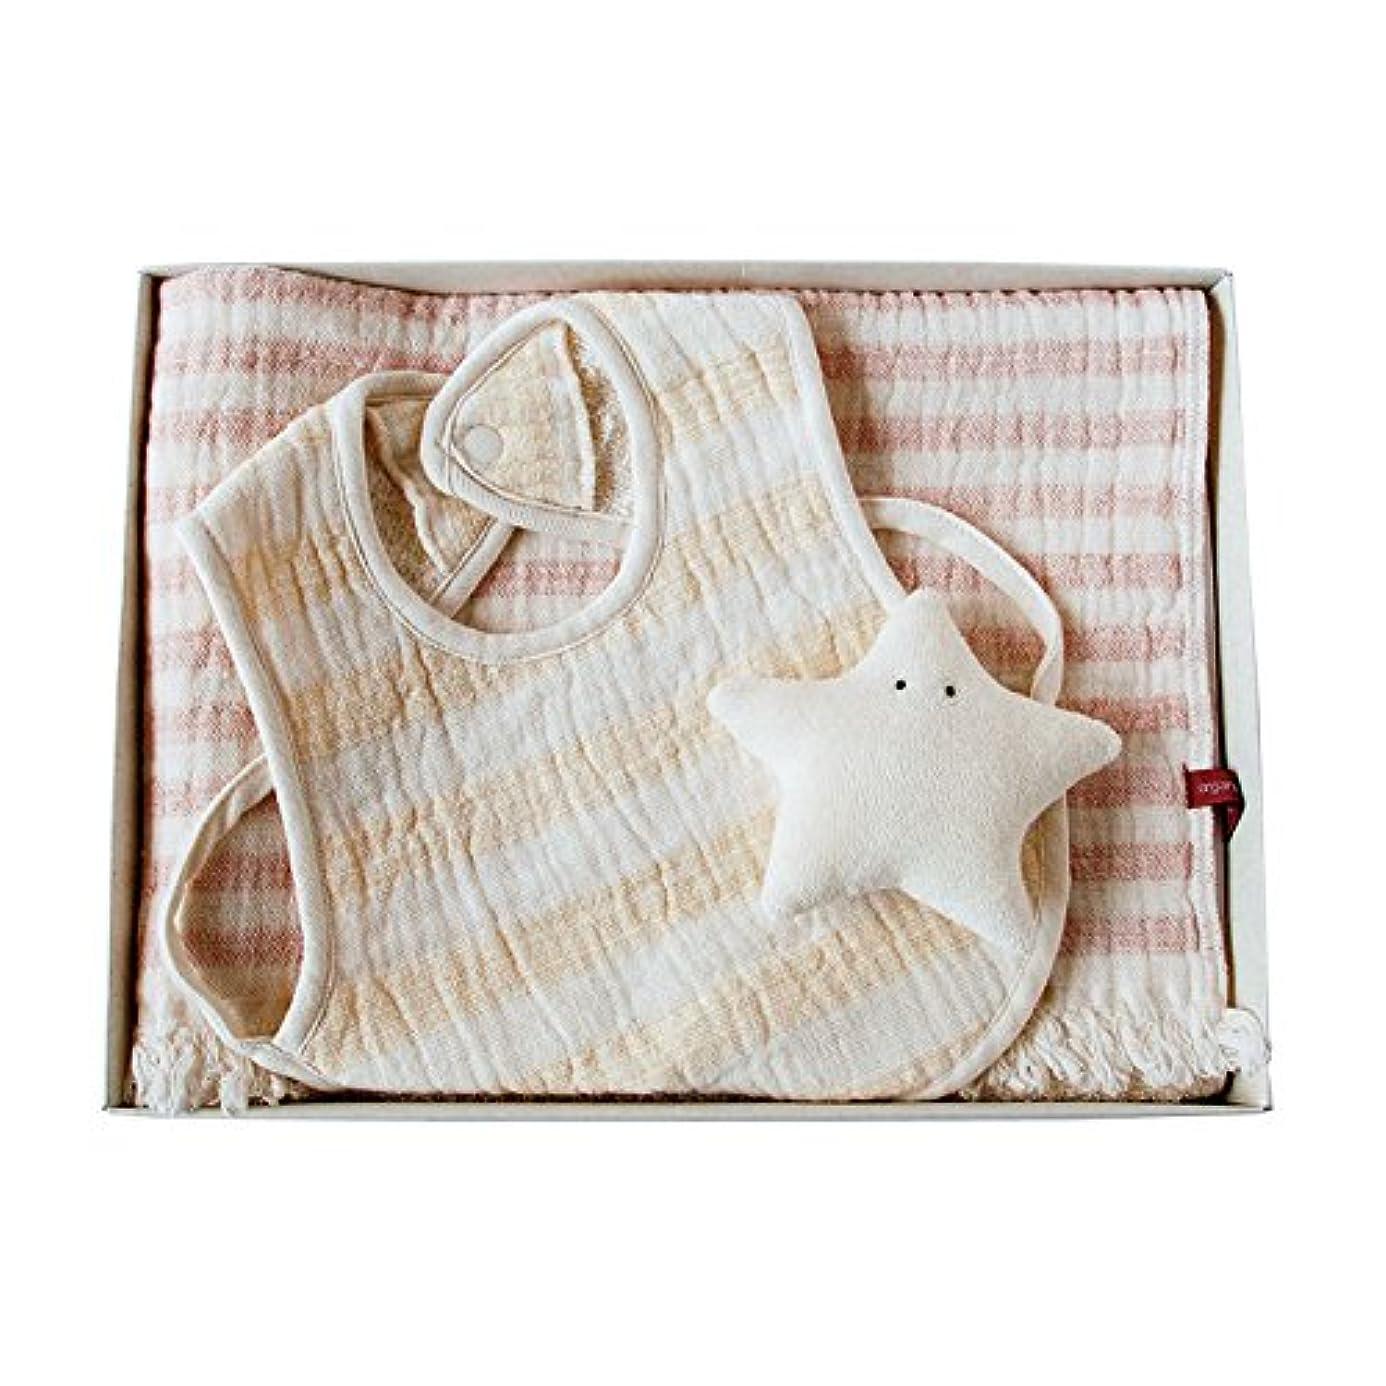 物理的に累積大気オーガニックコットン天衣無縫 スラブガーゼ フェイスタオル&スタイ ほしセット ピンク